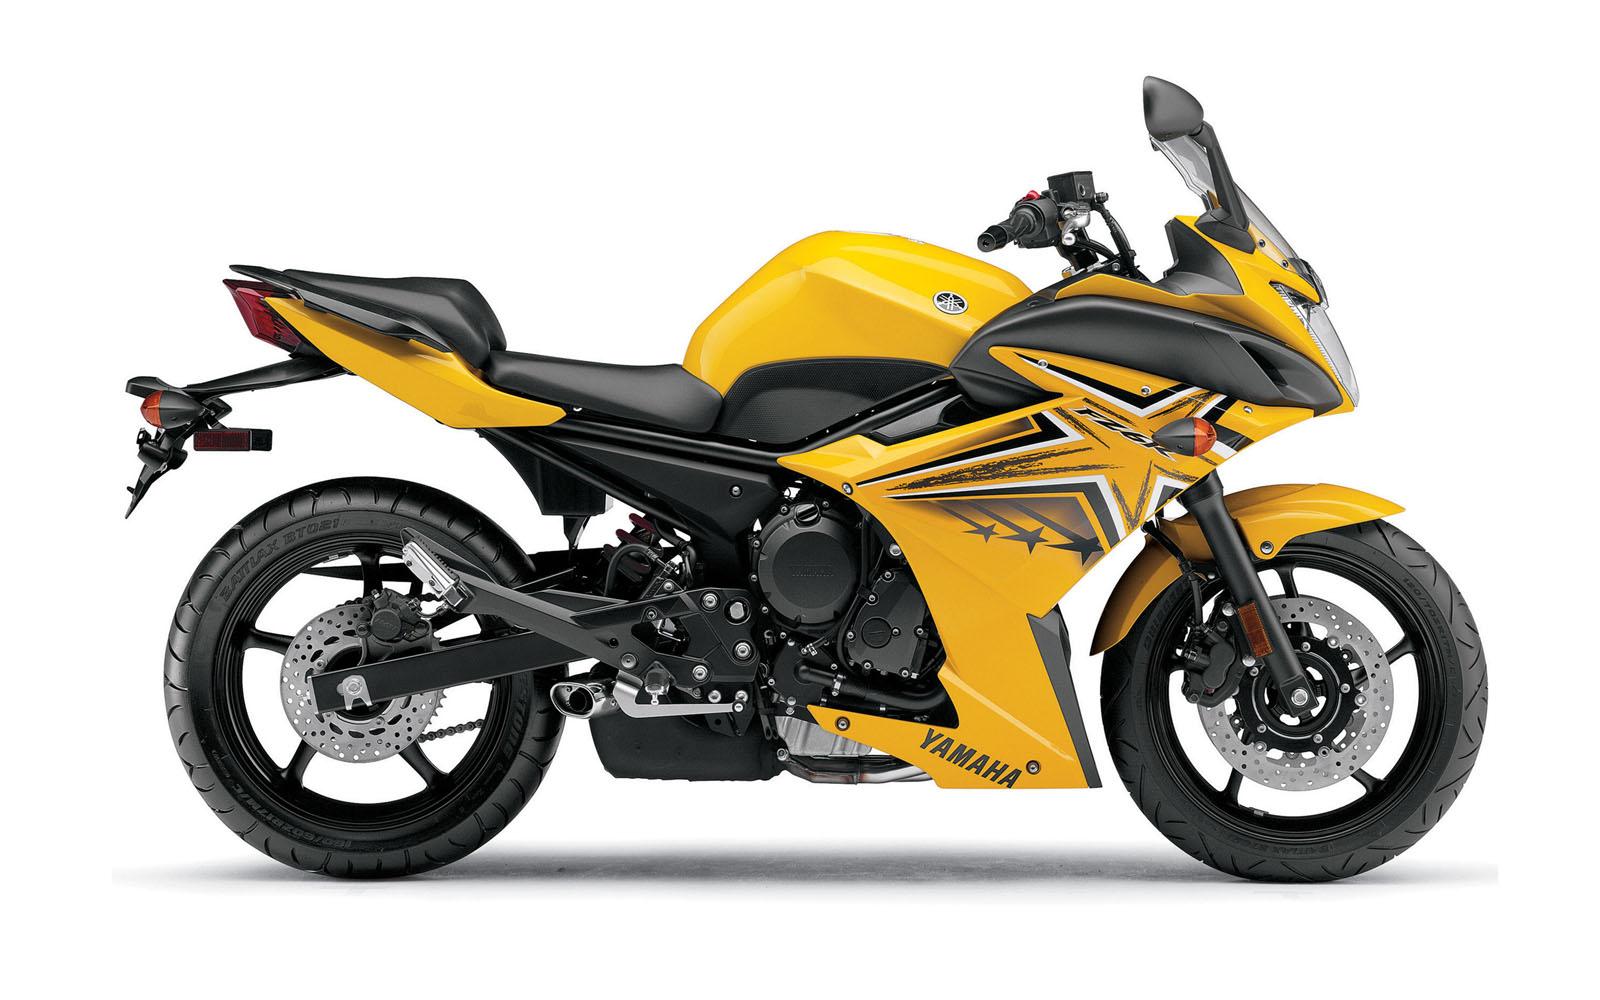 Wallpapers Yamaha FZ6R Motorcycle Desktop Wallpapers Yamaha 1600x1000